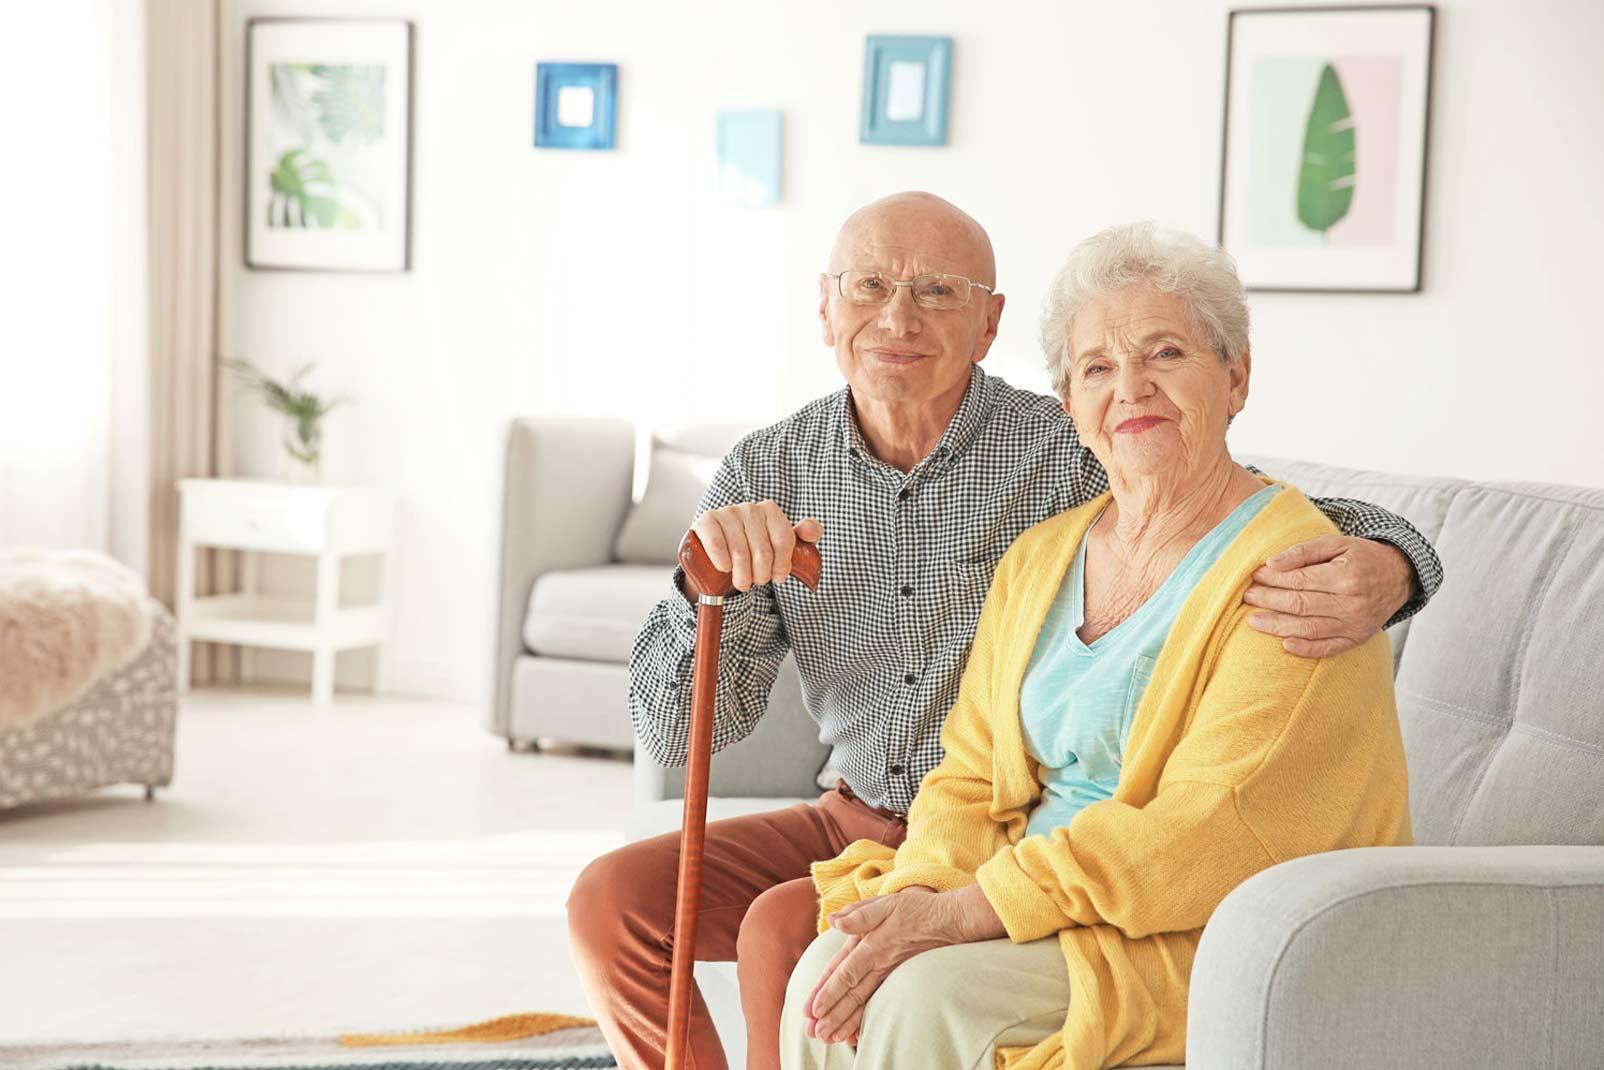 Altes Ehepaar sitzt lächelnd auf Couch